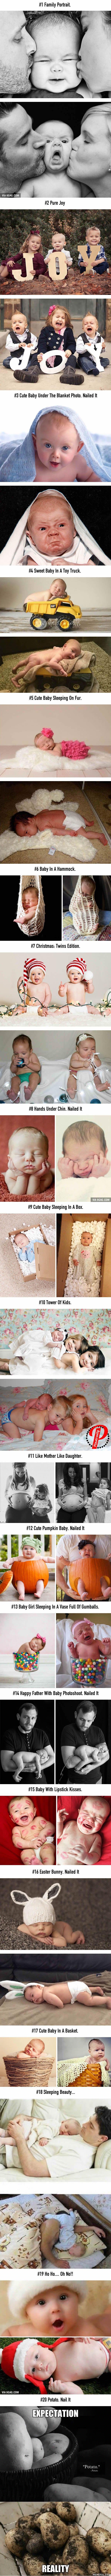 20 Hilarious Baby Photoshoot Fails - 9GAG